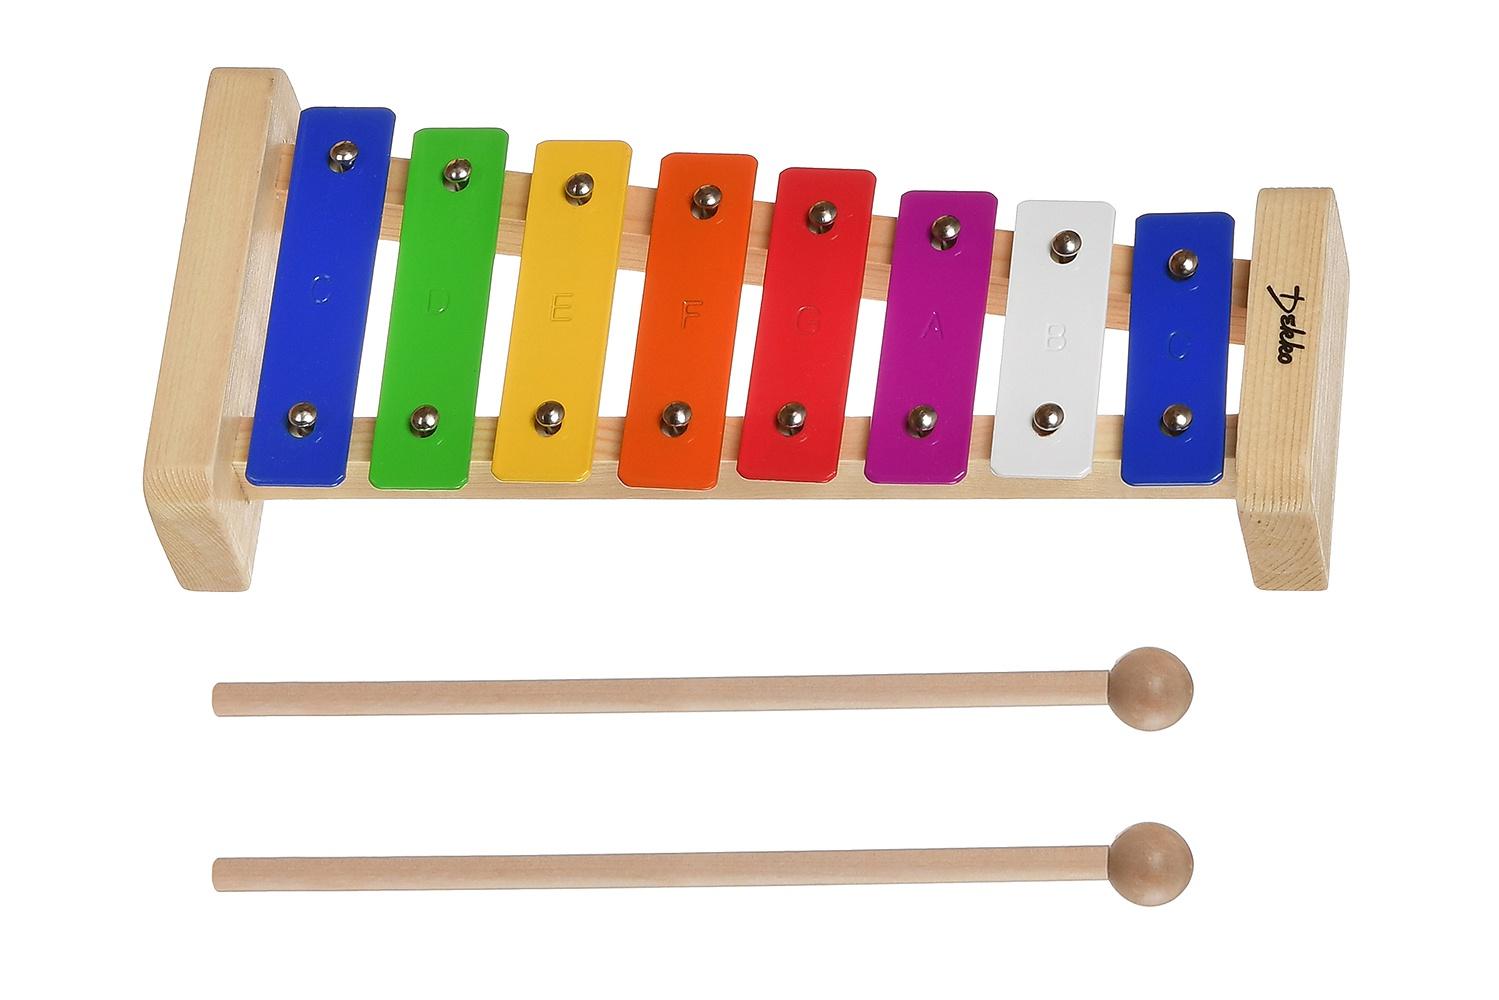 Детский музыкальный инструмент DEKKO TG8-15 бежевый народный духовой музыкальный инструмент 8 букв сканворд